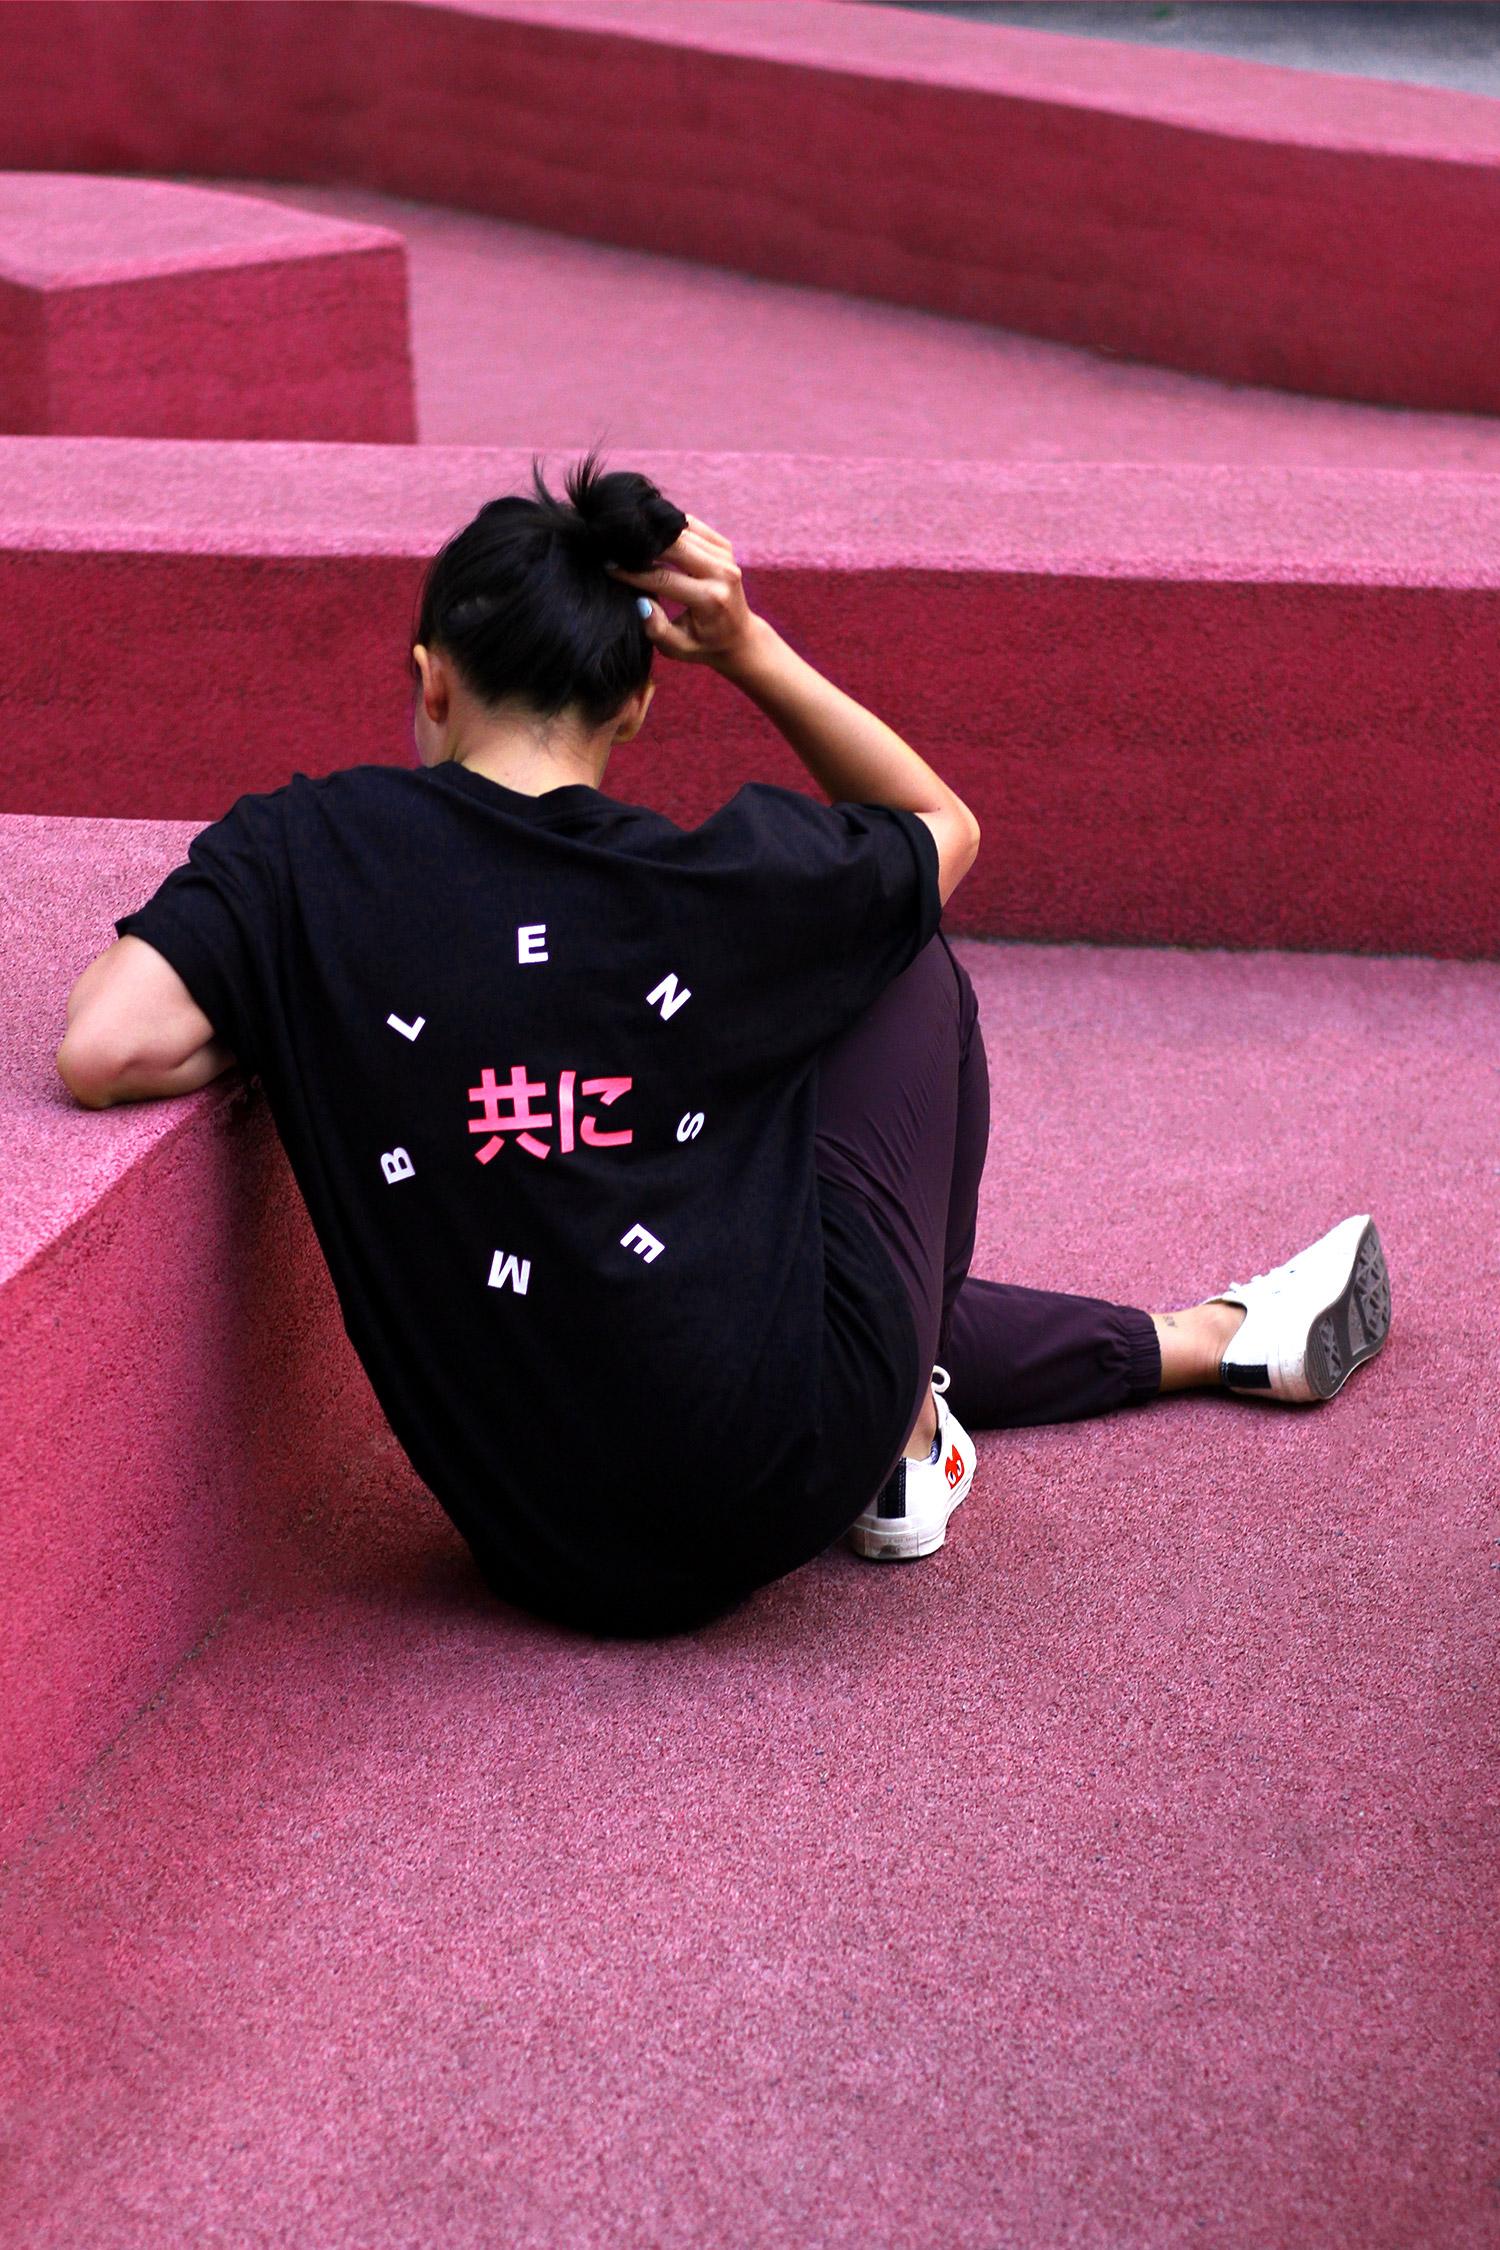 Ensemble_Vitaly_Edits1_tshirt_sim.jpg